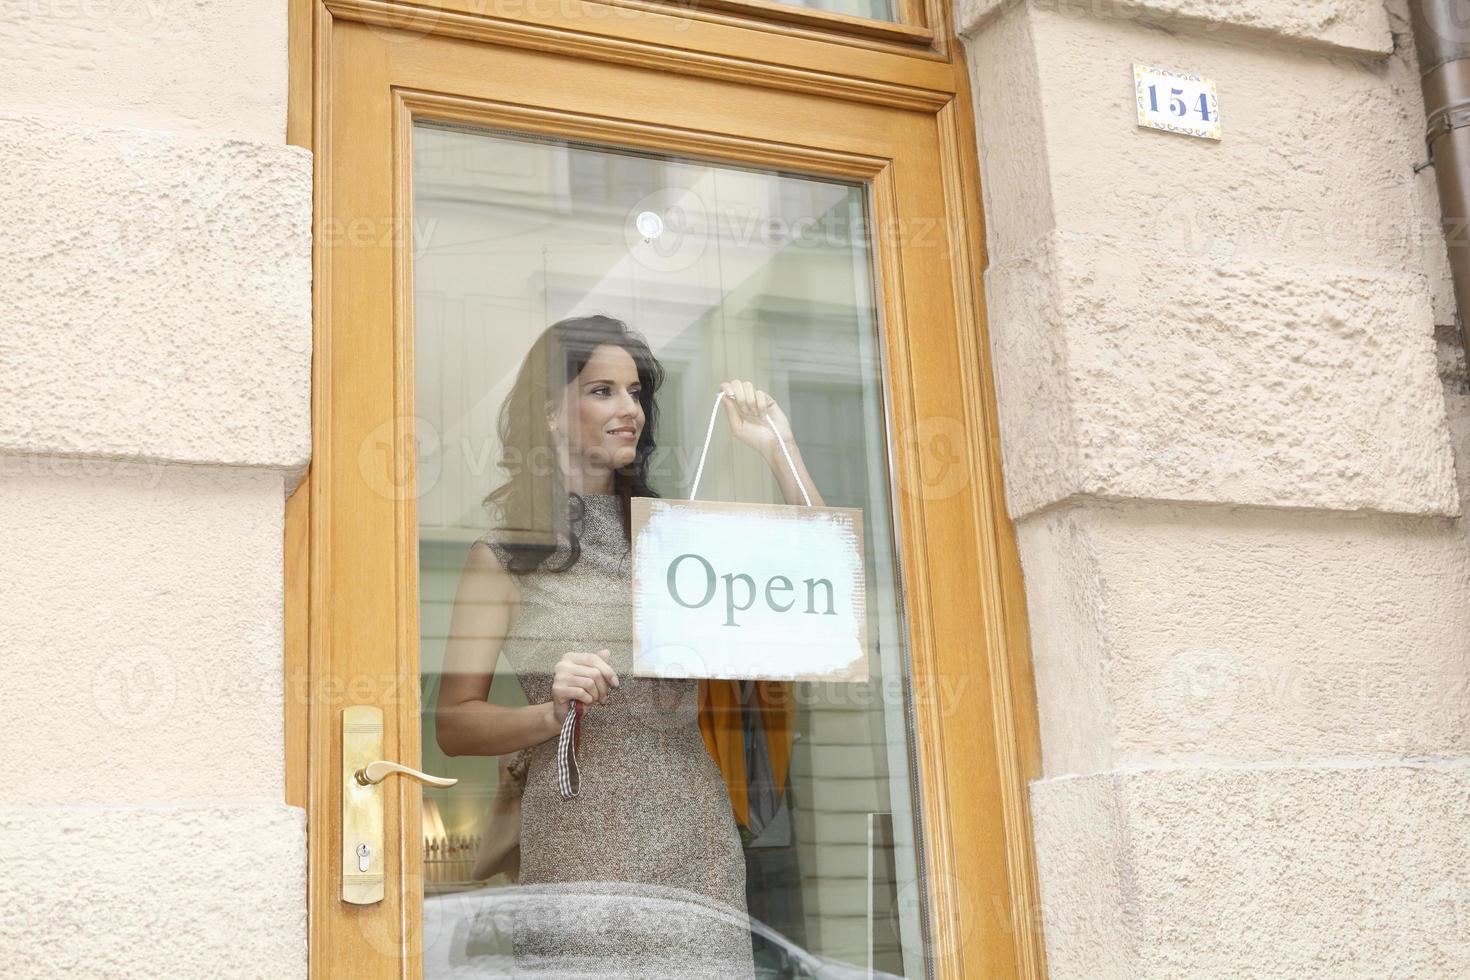 Frau mit offenem Schild foto